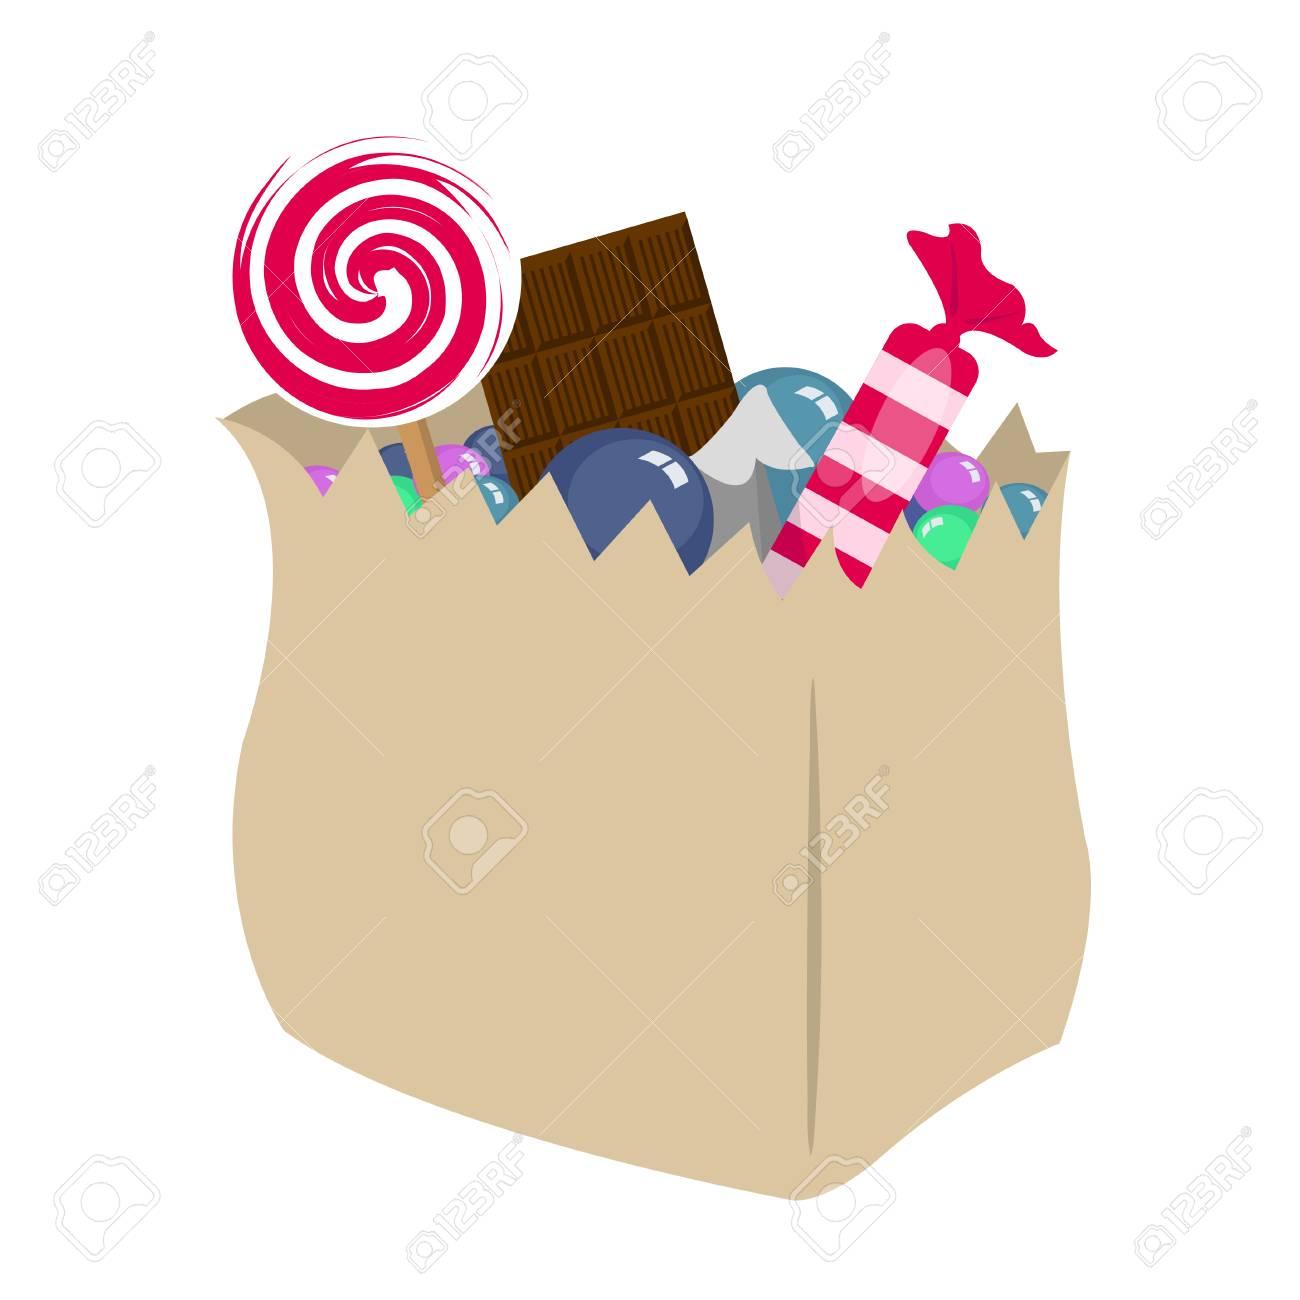 お菓子のパッケージのイラストのイラスト素材ベクタ Image 78003424